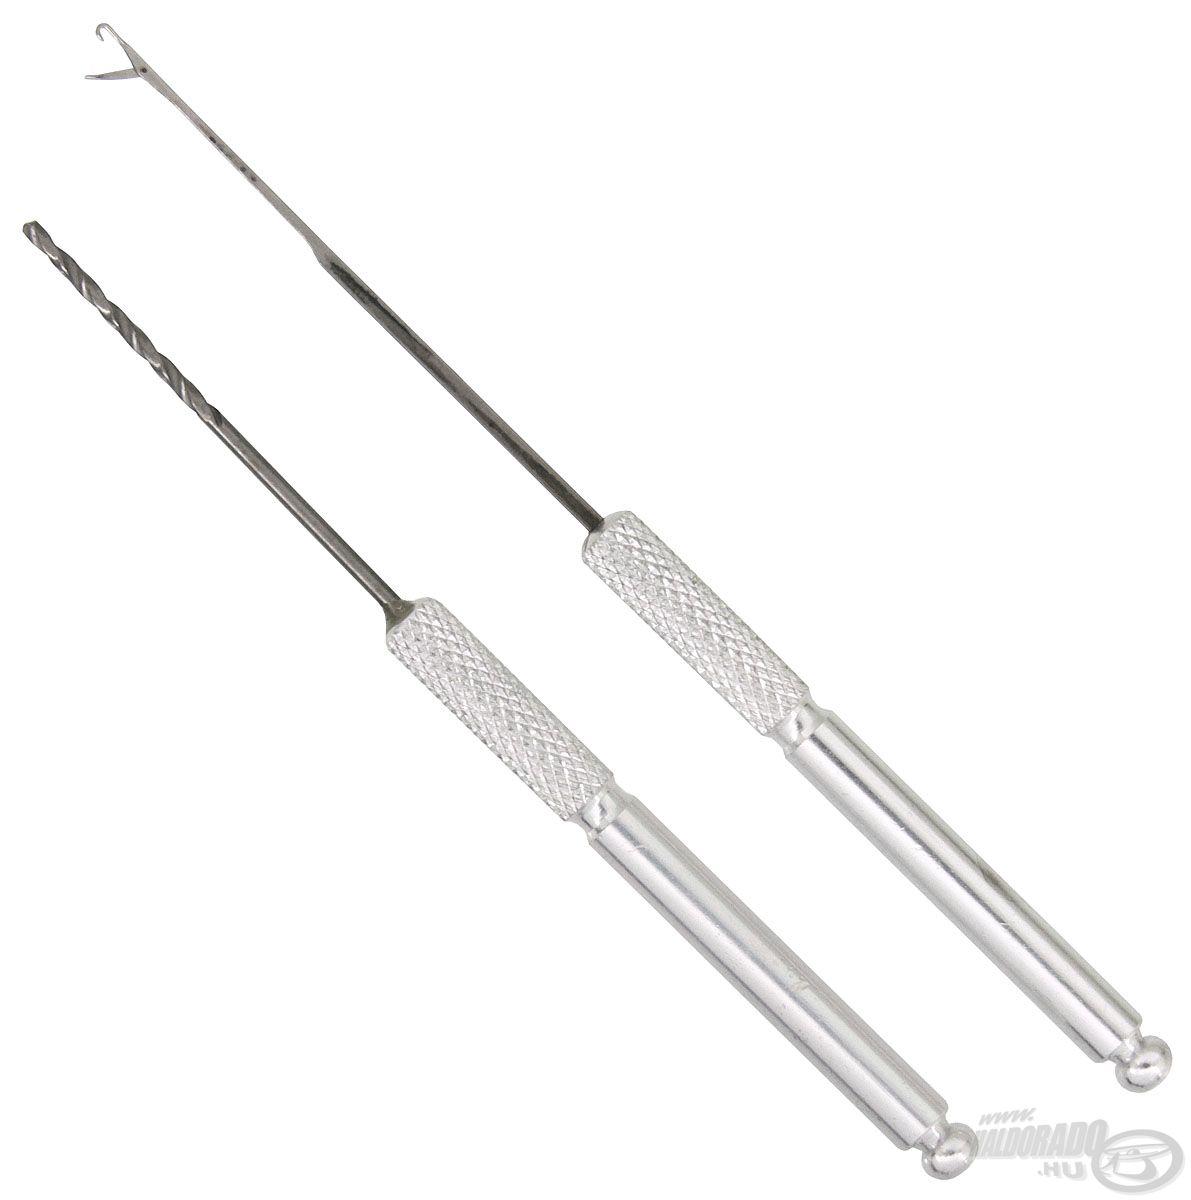 Íme, a Pro Method Standard szett, melyben a két leggyakoribb kellék, egy csappantyús fűzőtű, valamint egy erős csalifúró kapott helyet